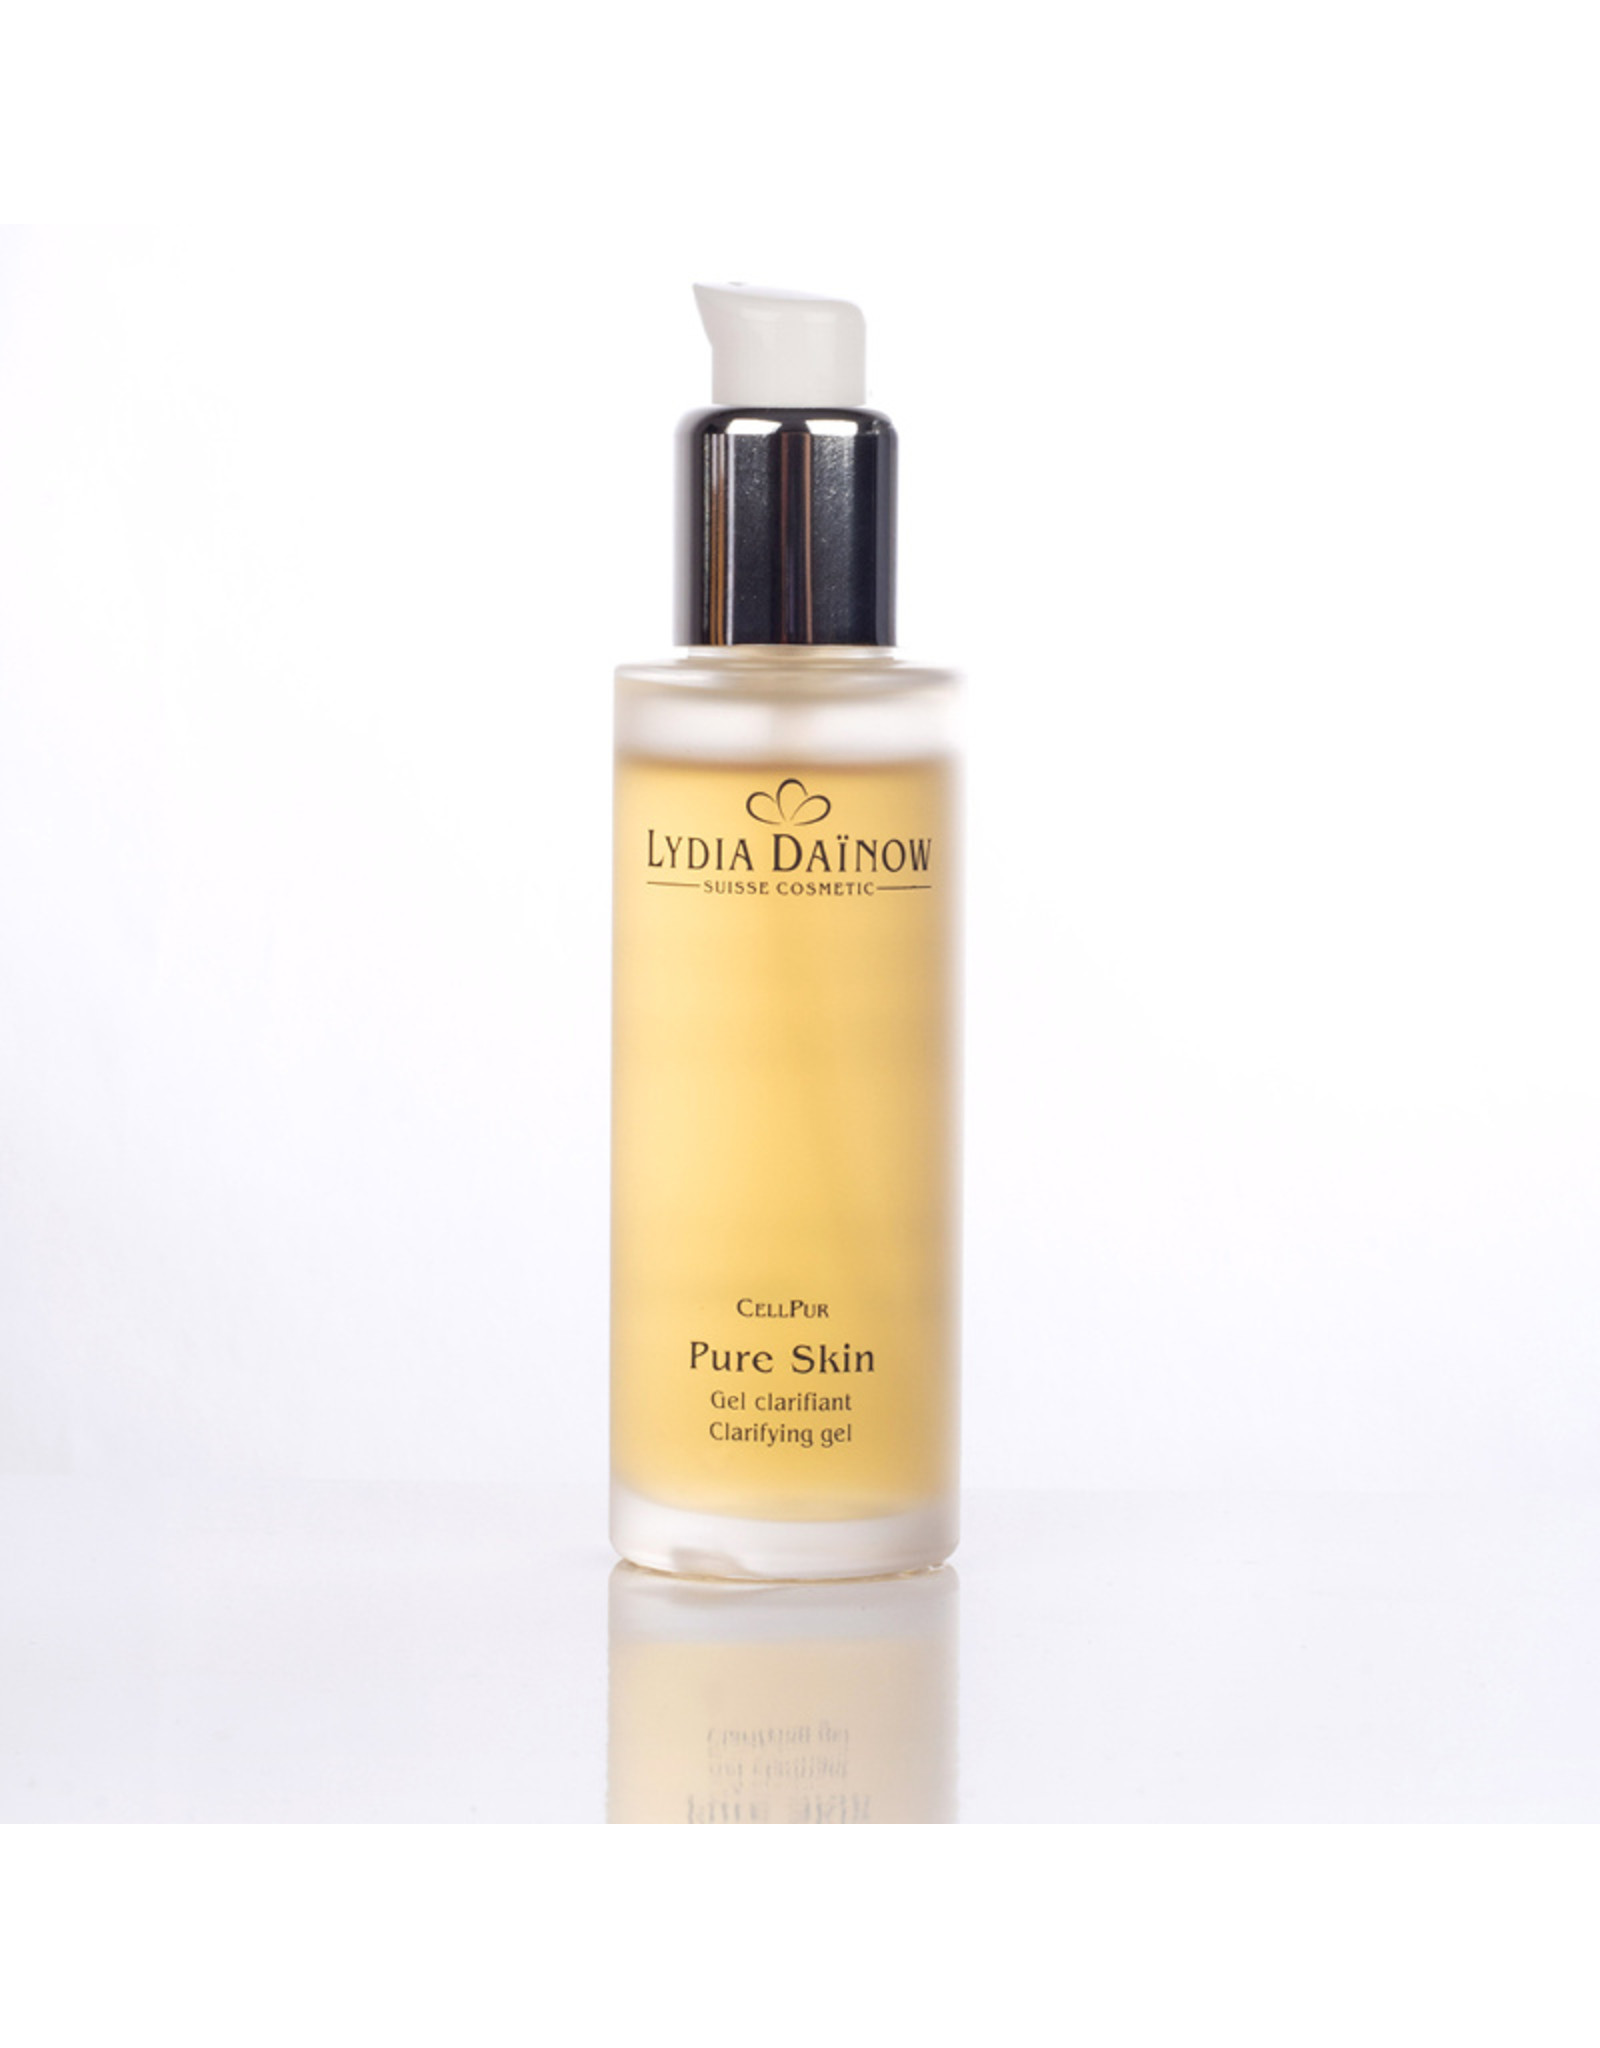 Lydïa Dainow Pure Skin - Ausgleichender Gel